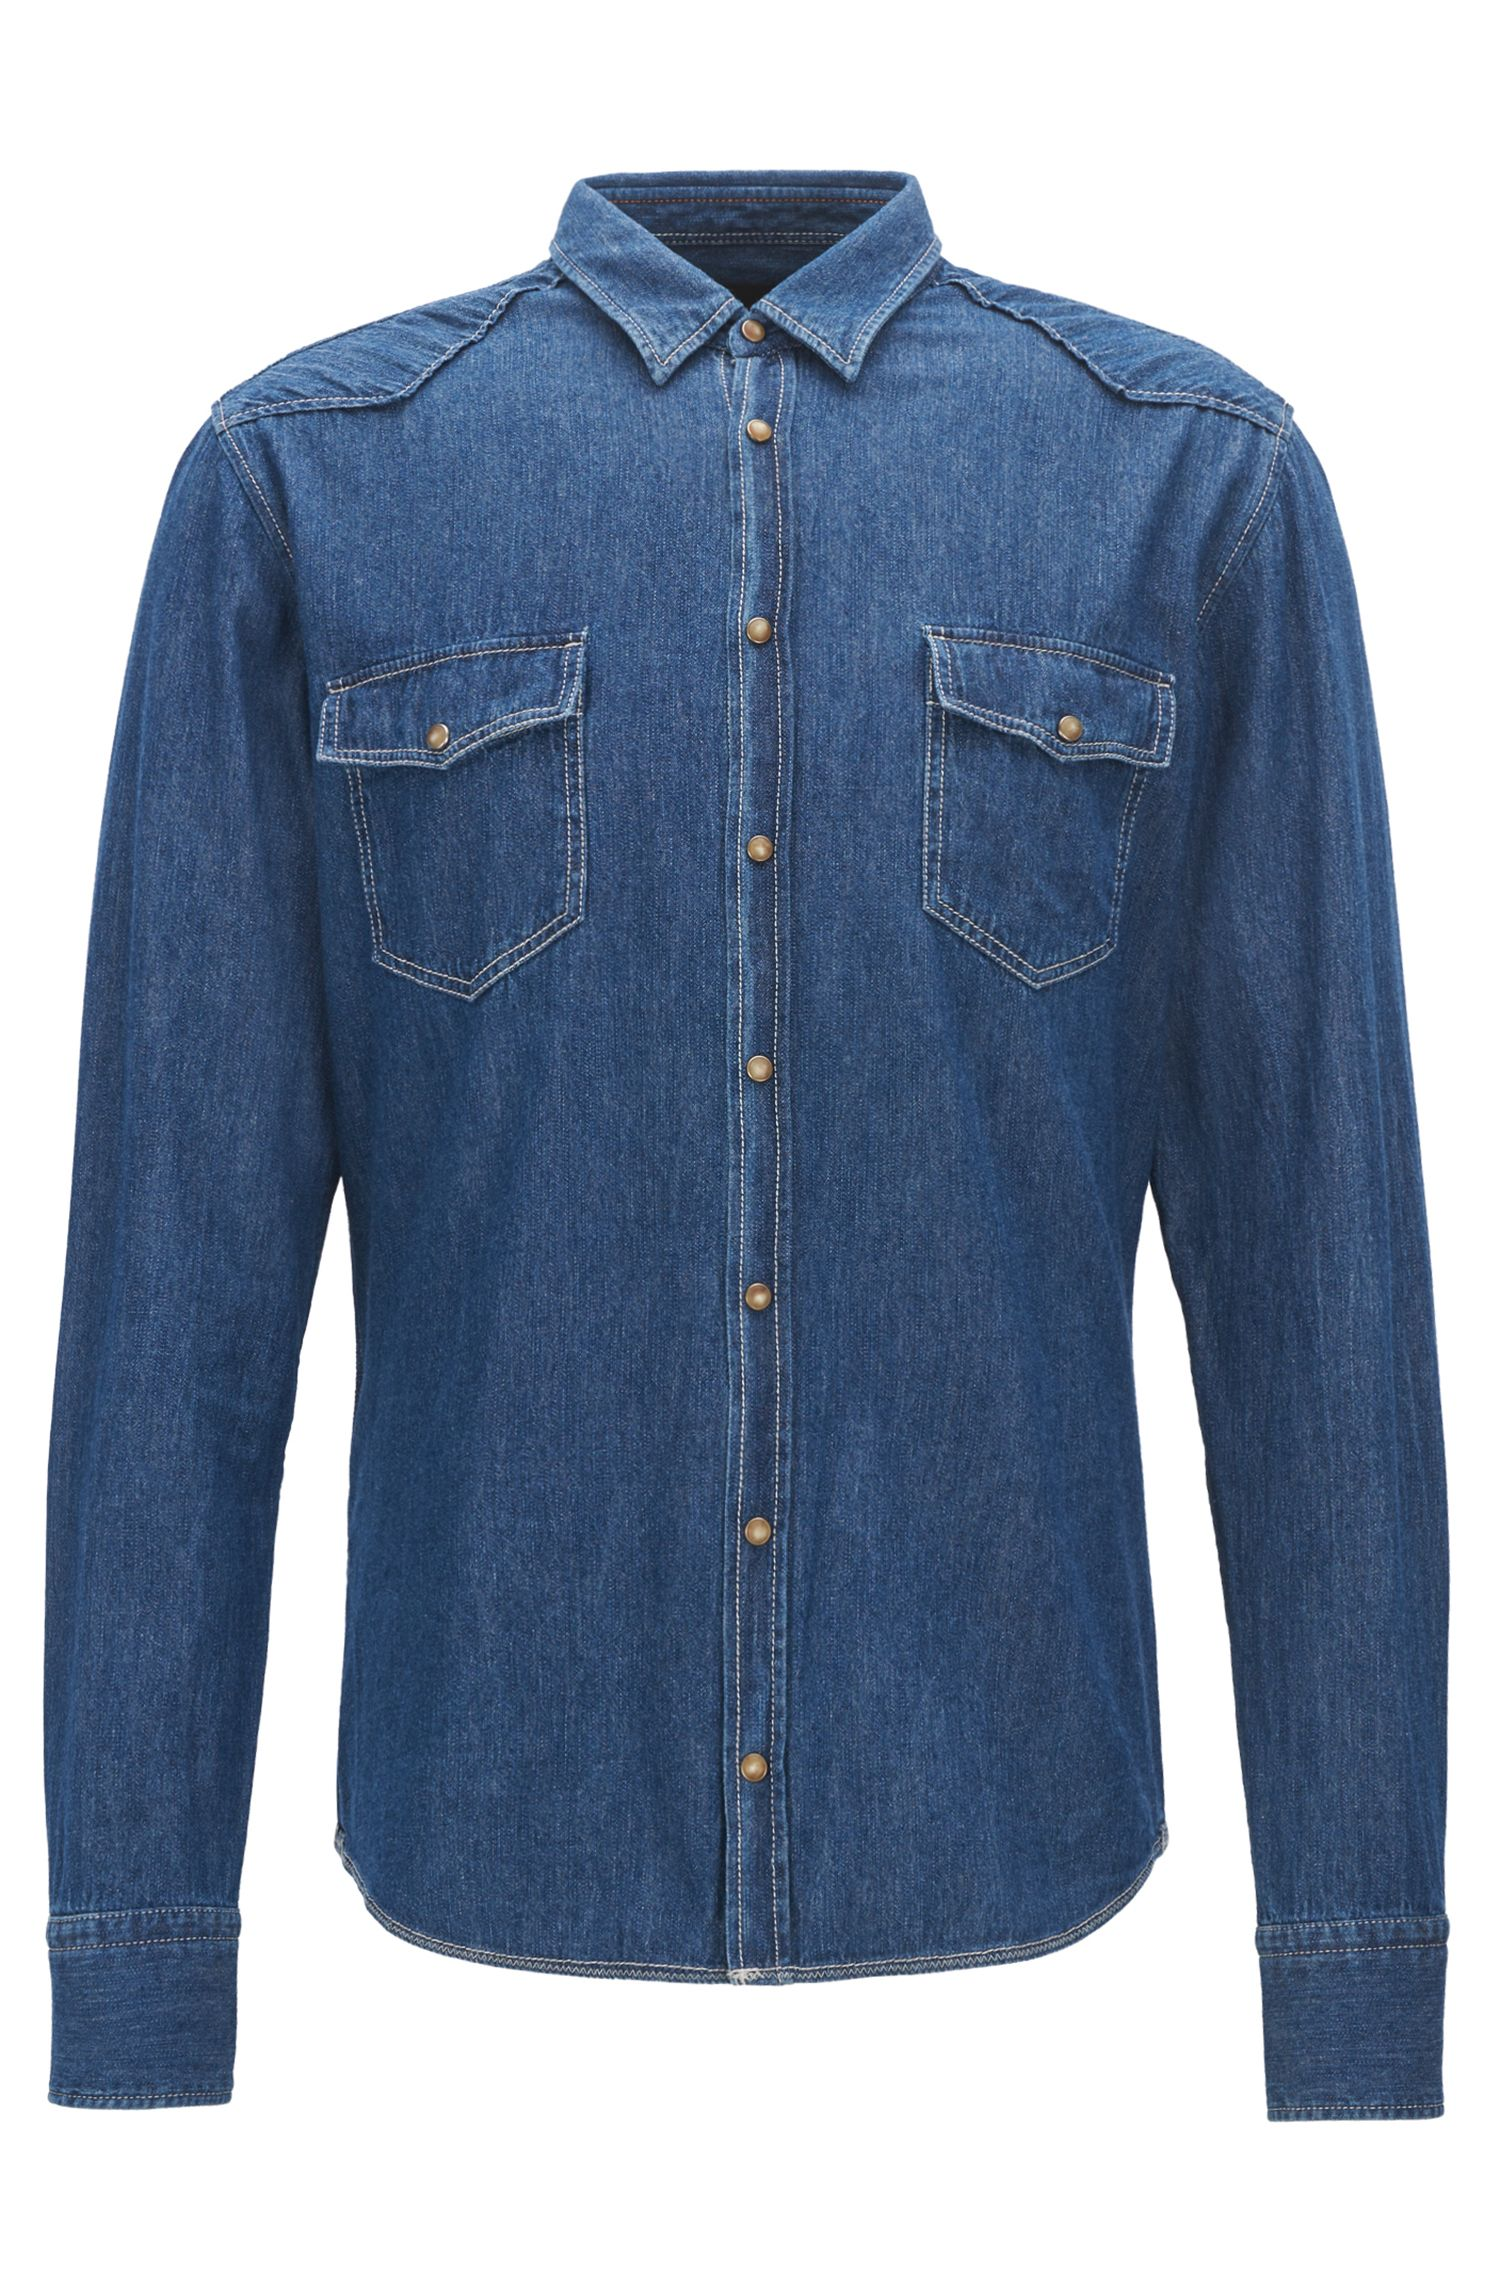 Slim-fit Western-style denim shirt